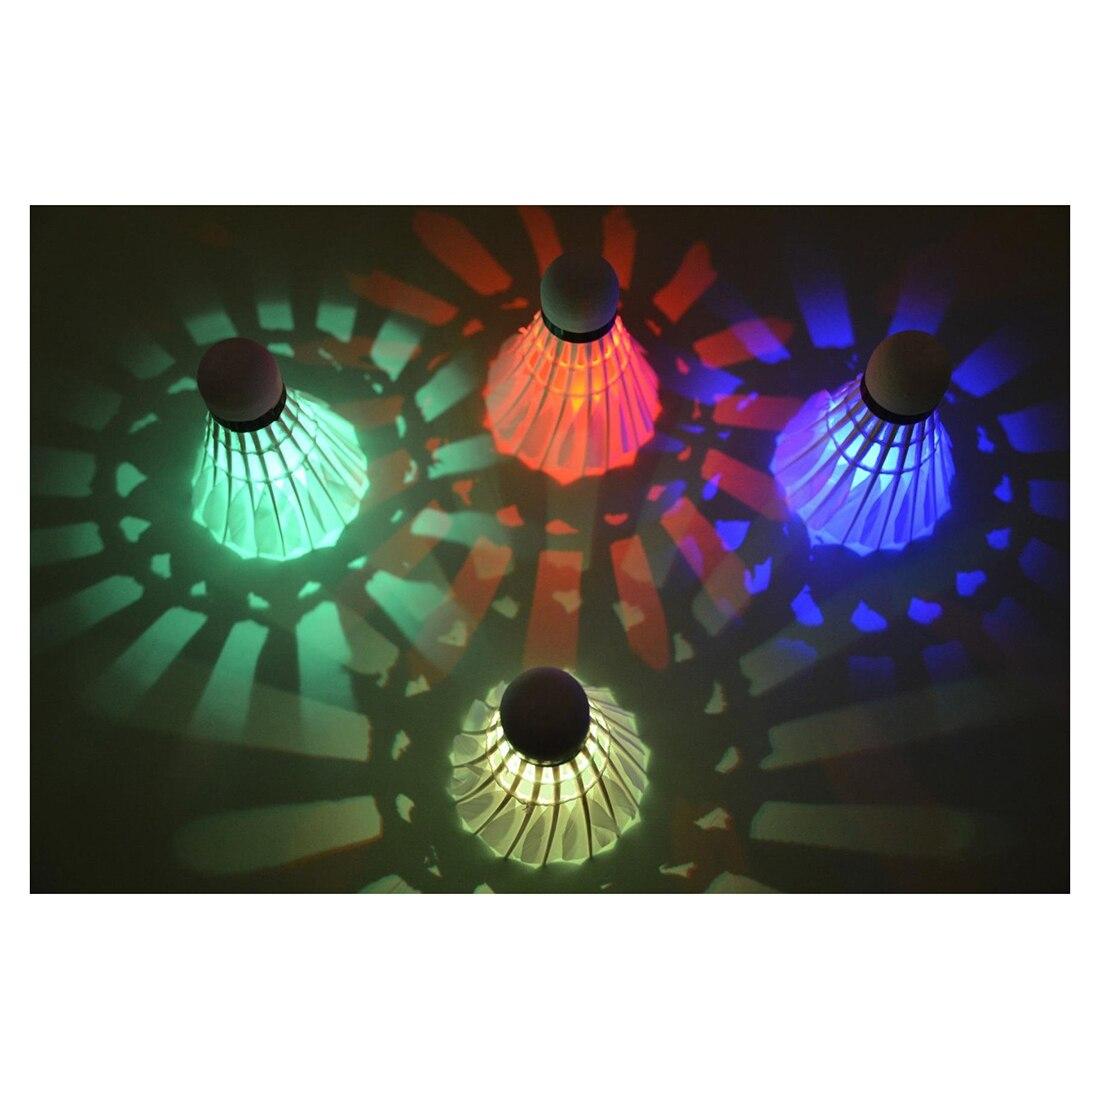 Loftwell Темная ночь Glow Бадминтон Воланы птички Lightning для наружного и занятий спортом в помещении (4 упак.)